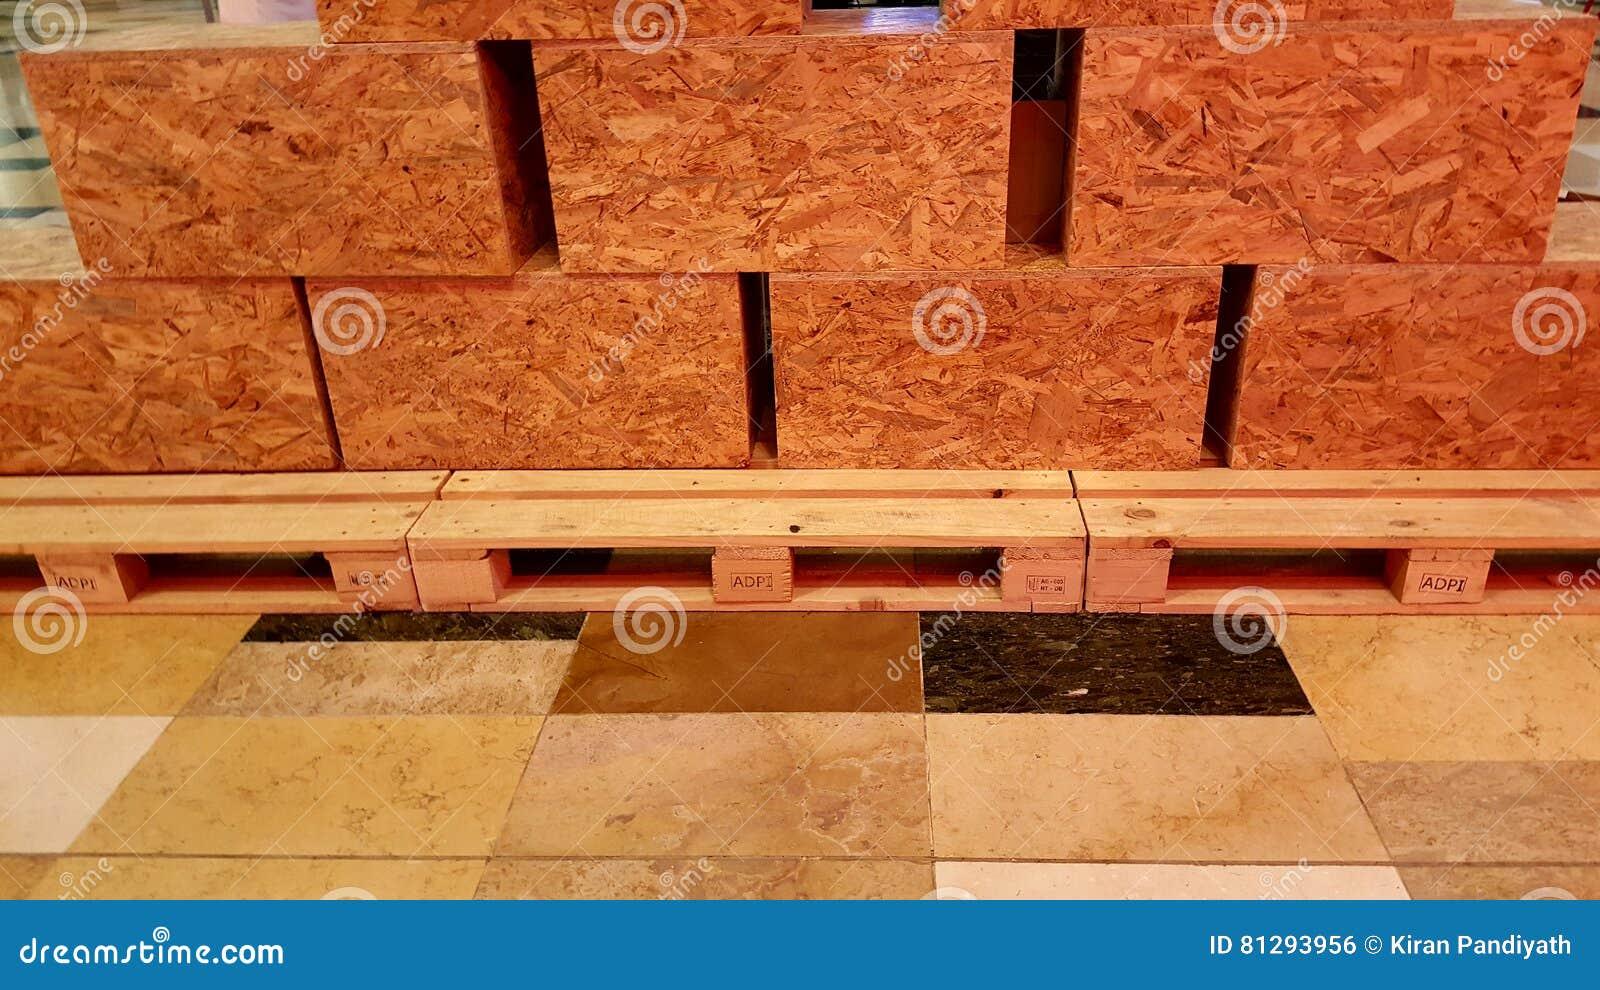 Fußboden Aus Sperrholz ~ Sperrholz kasten sätze auf paletten stockfoto bild von bodenbelag